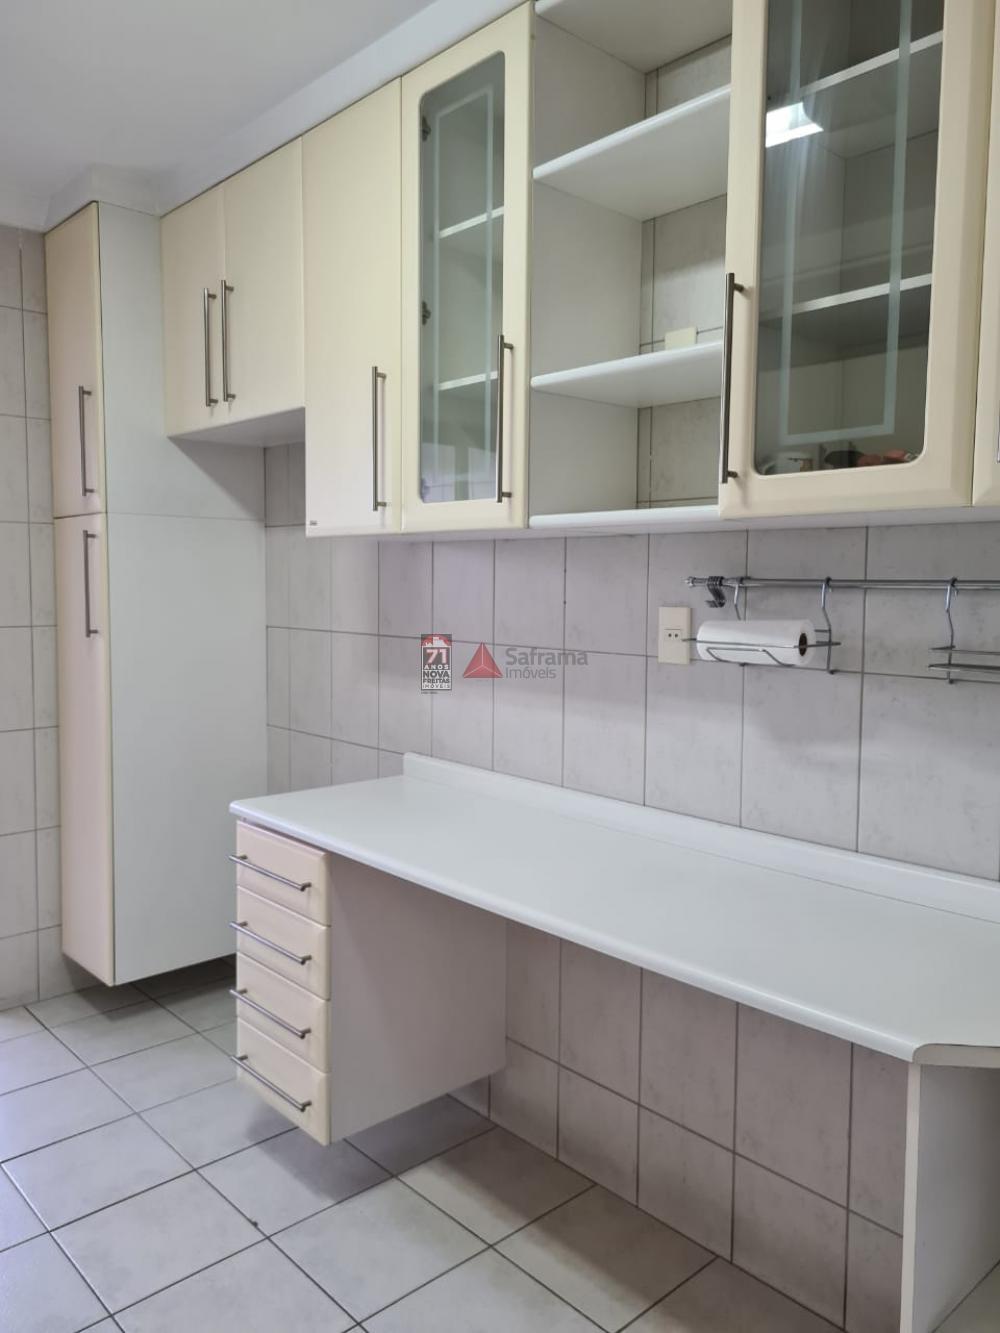 Comprar Apartamento / Padrão em Pindamonhangaba apenas R$ 430.000,00 - Foto 5